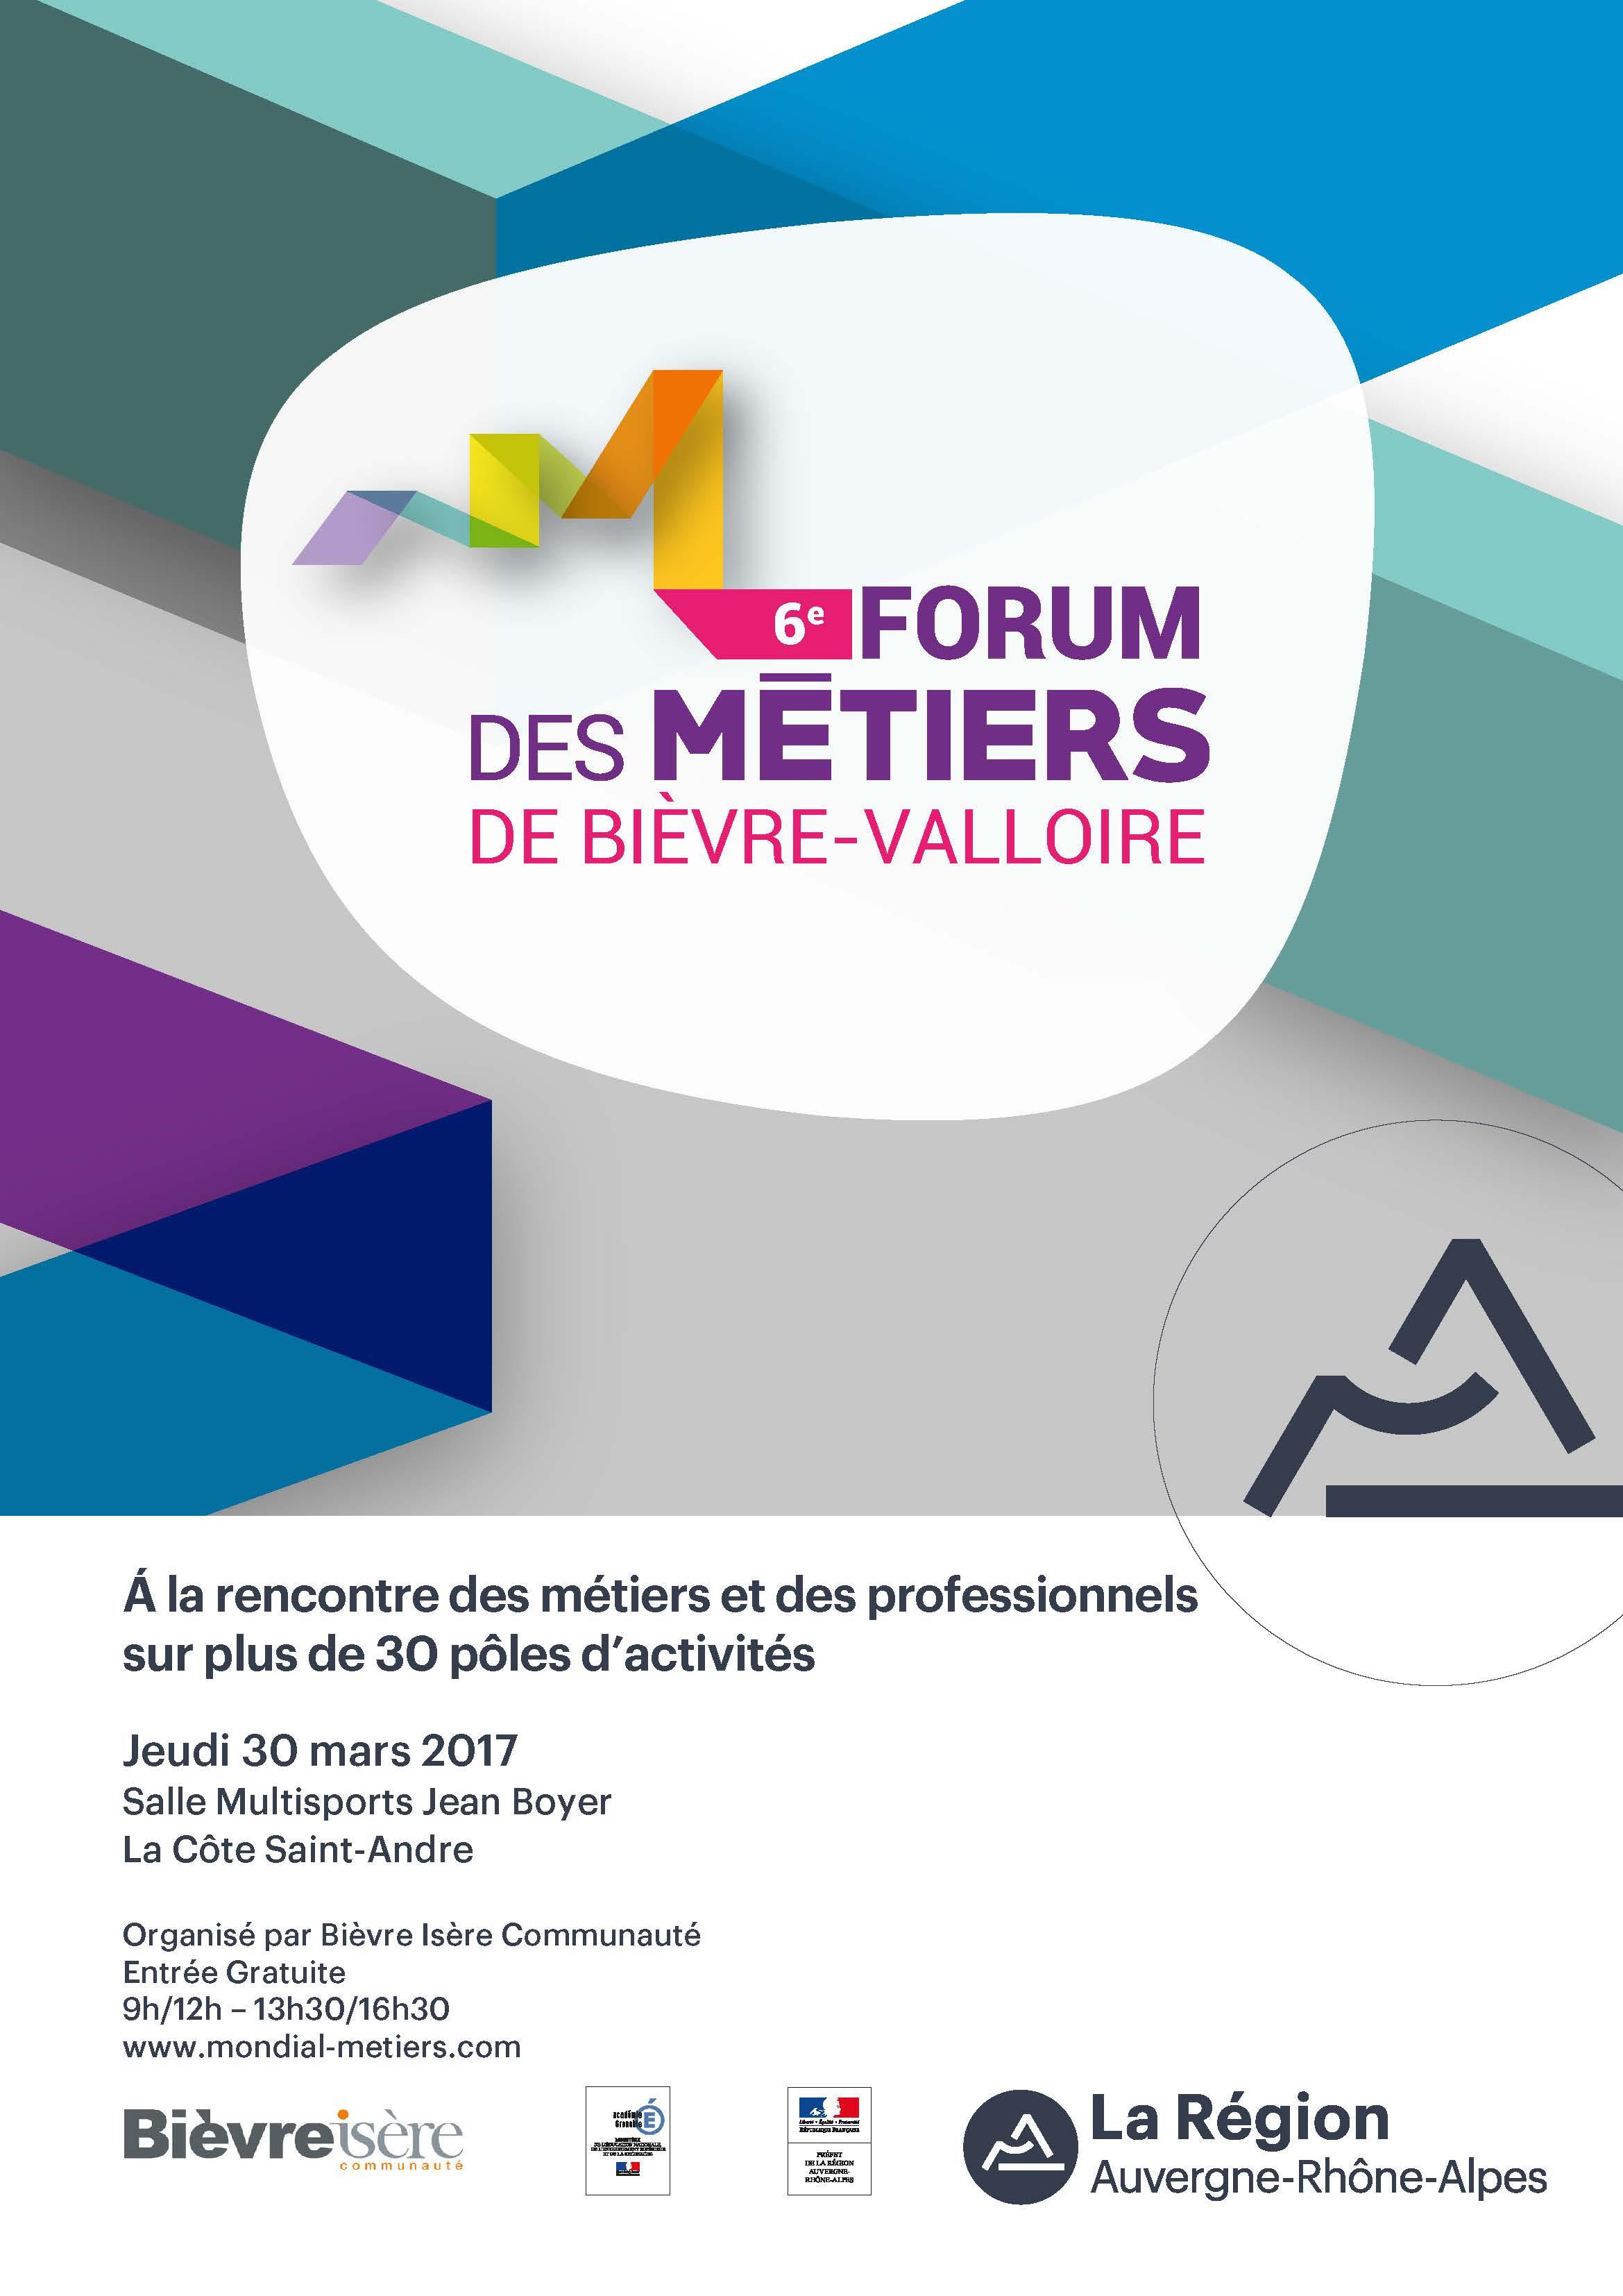 6e édition du Forum des Métiers Bièvre-Valloire